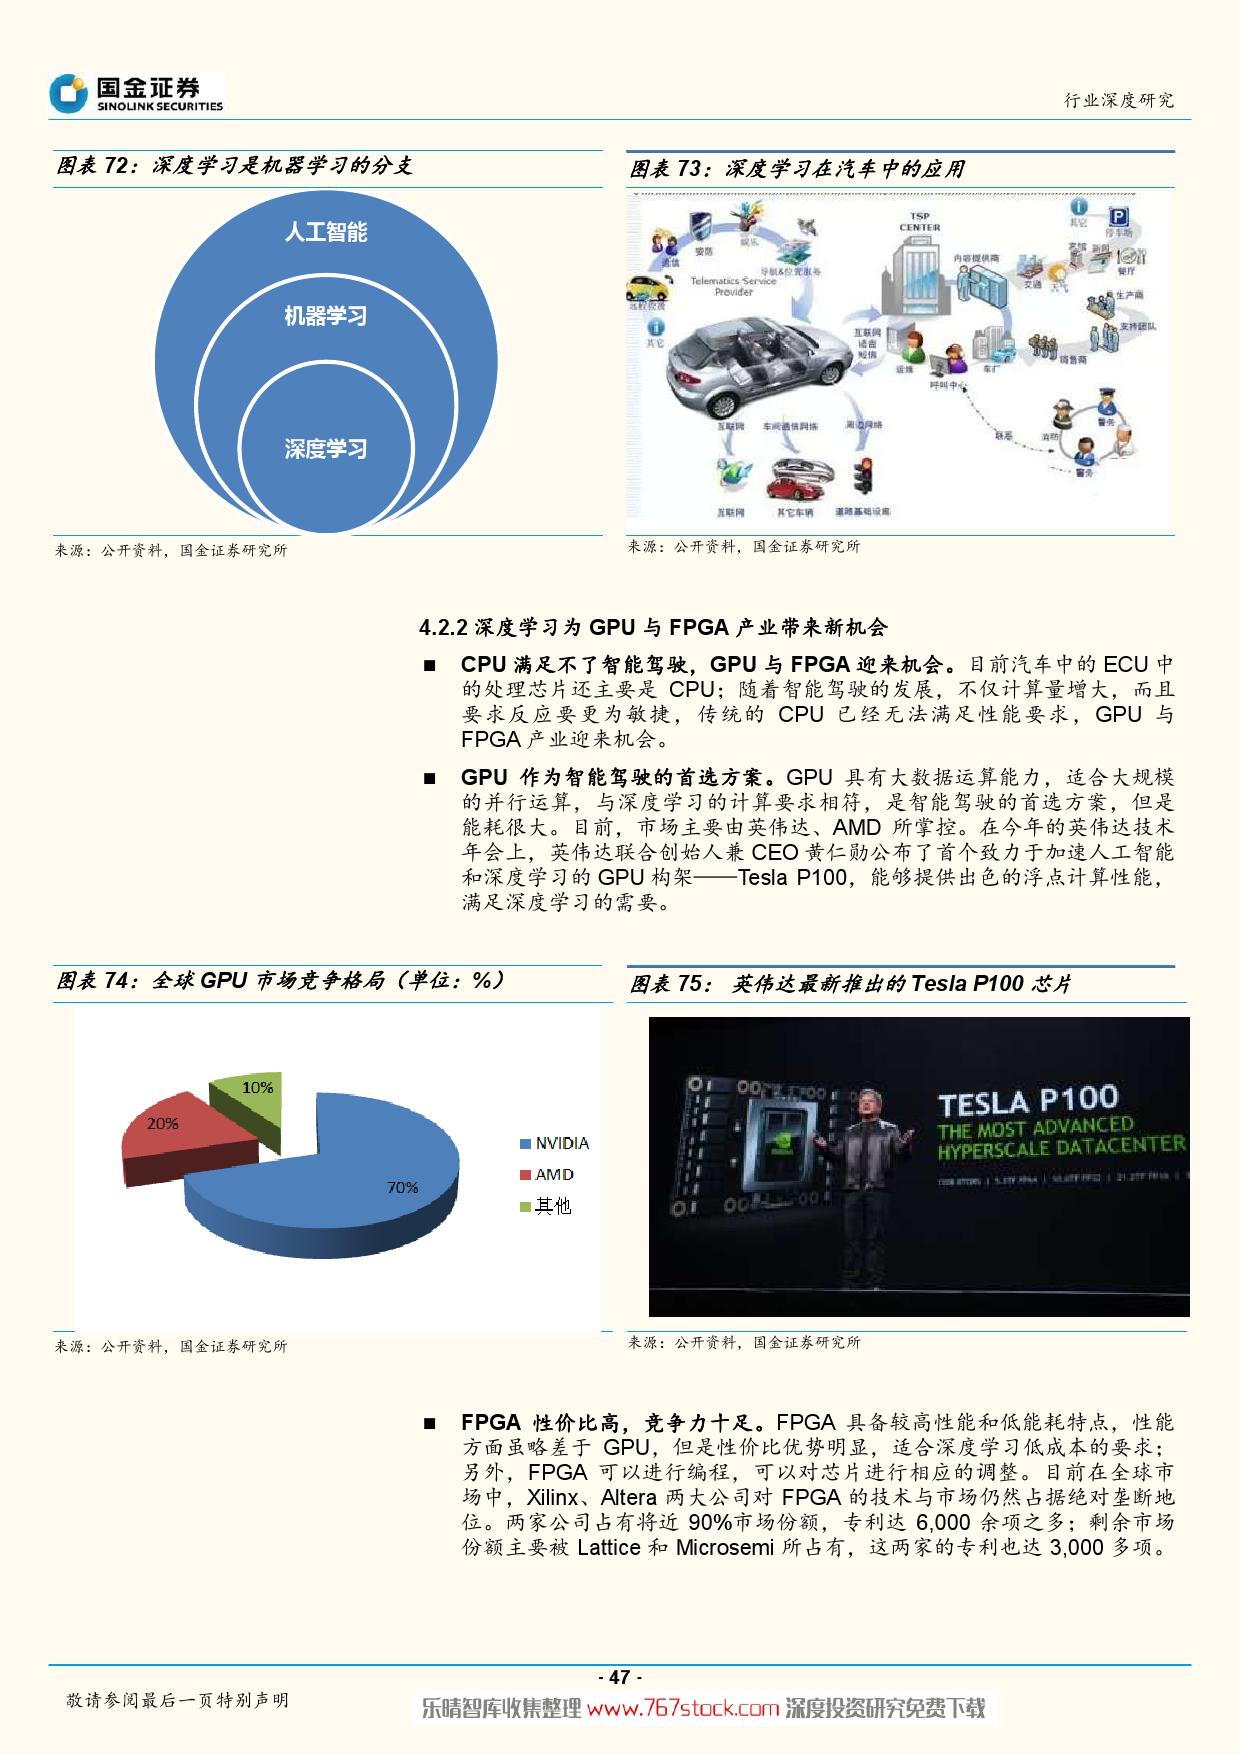 特斯拉产业系列深度报告-智能驾驶爆发在即_000047